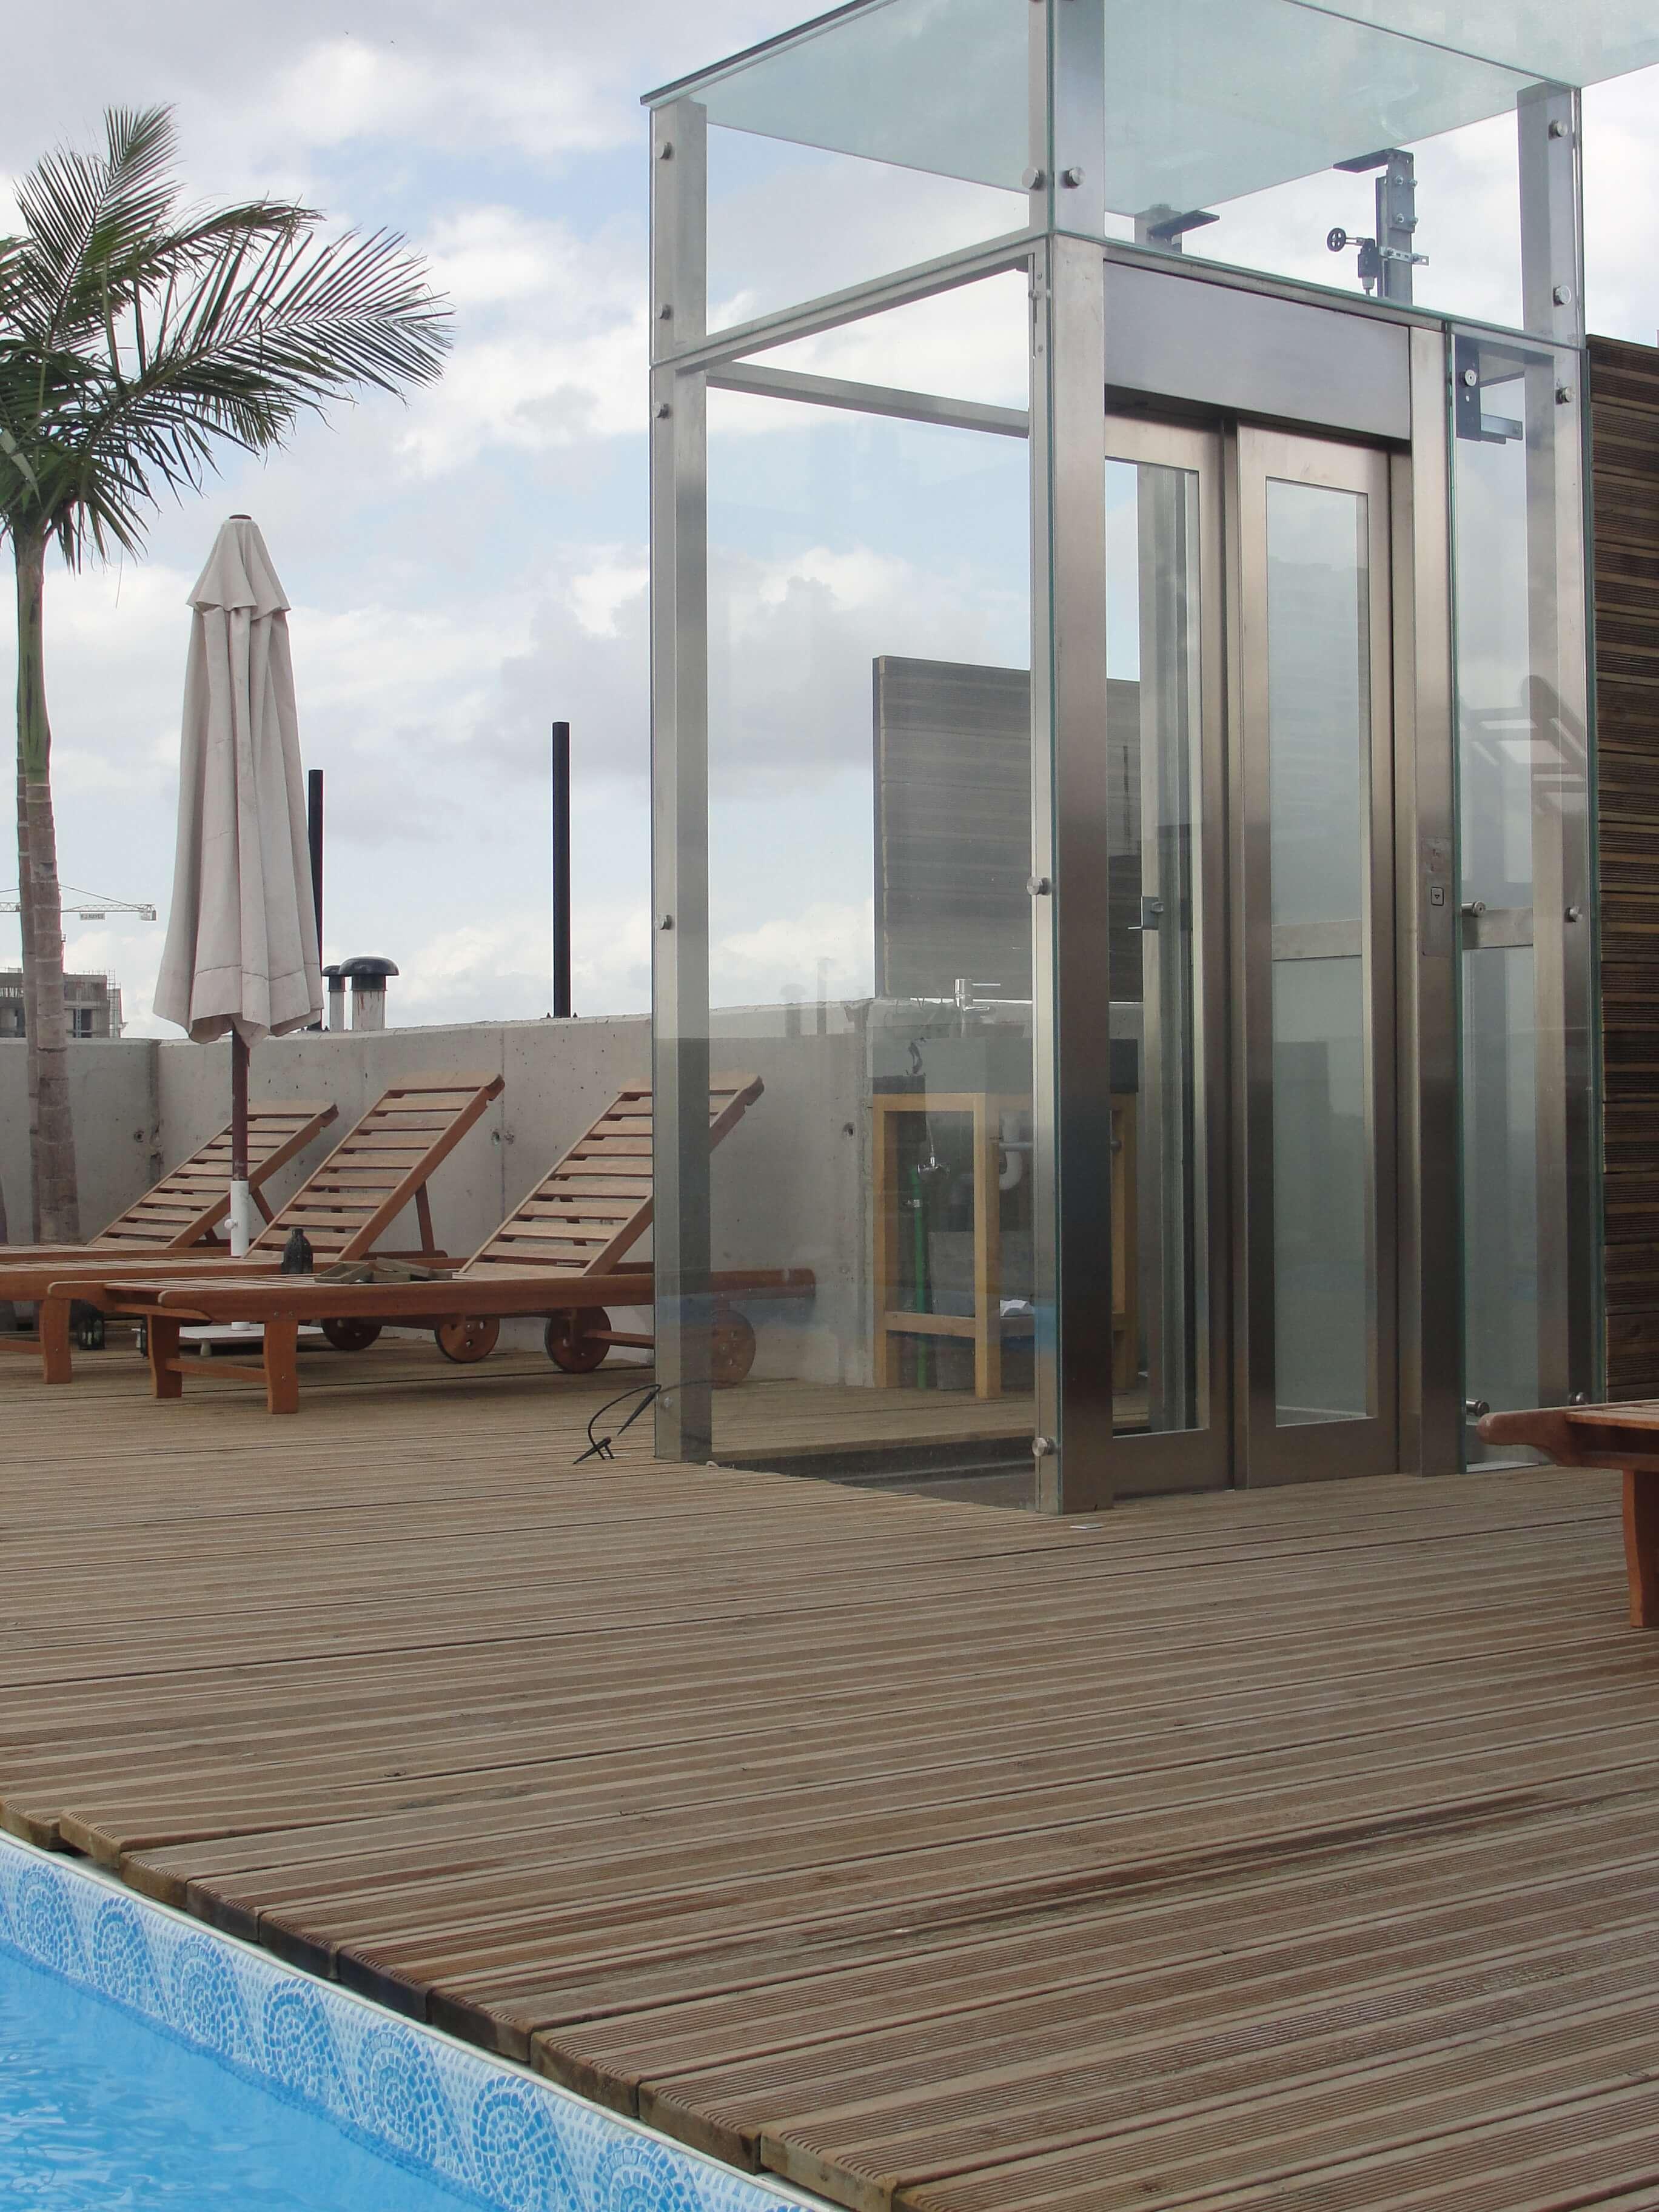 Ascenseur au bord d'une piscine